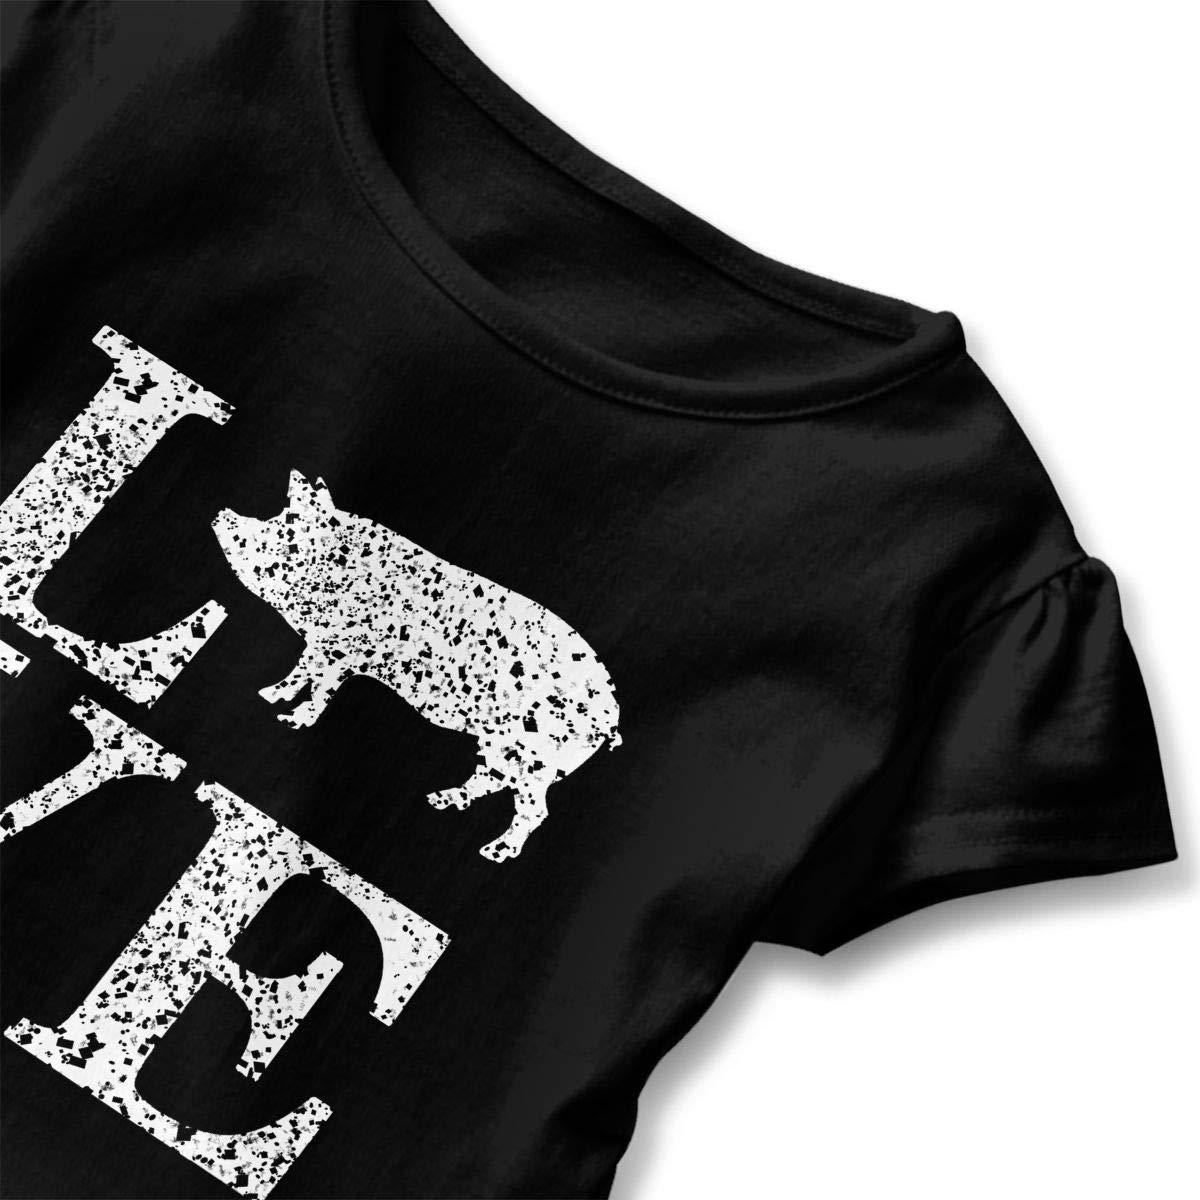 Distress Love Pig Toddler Girls T Shirt Kids Cotton Short Sleeve Ruffle Tee